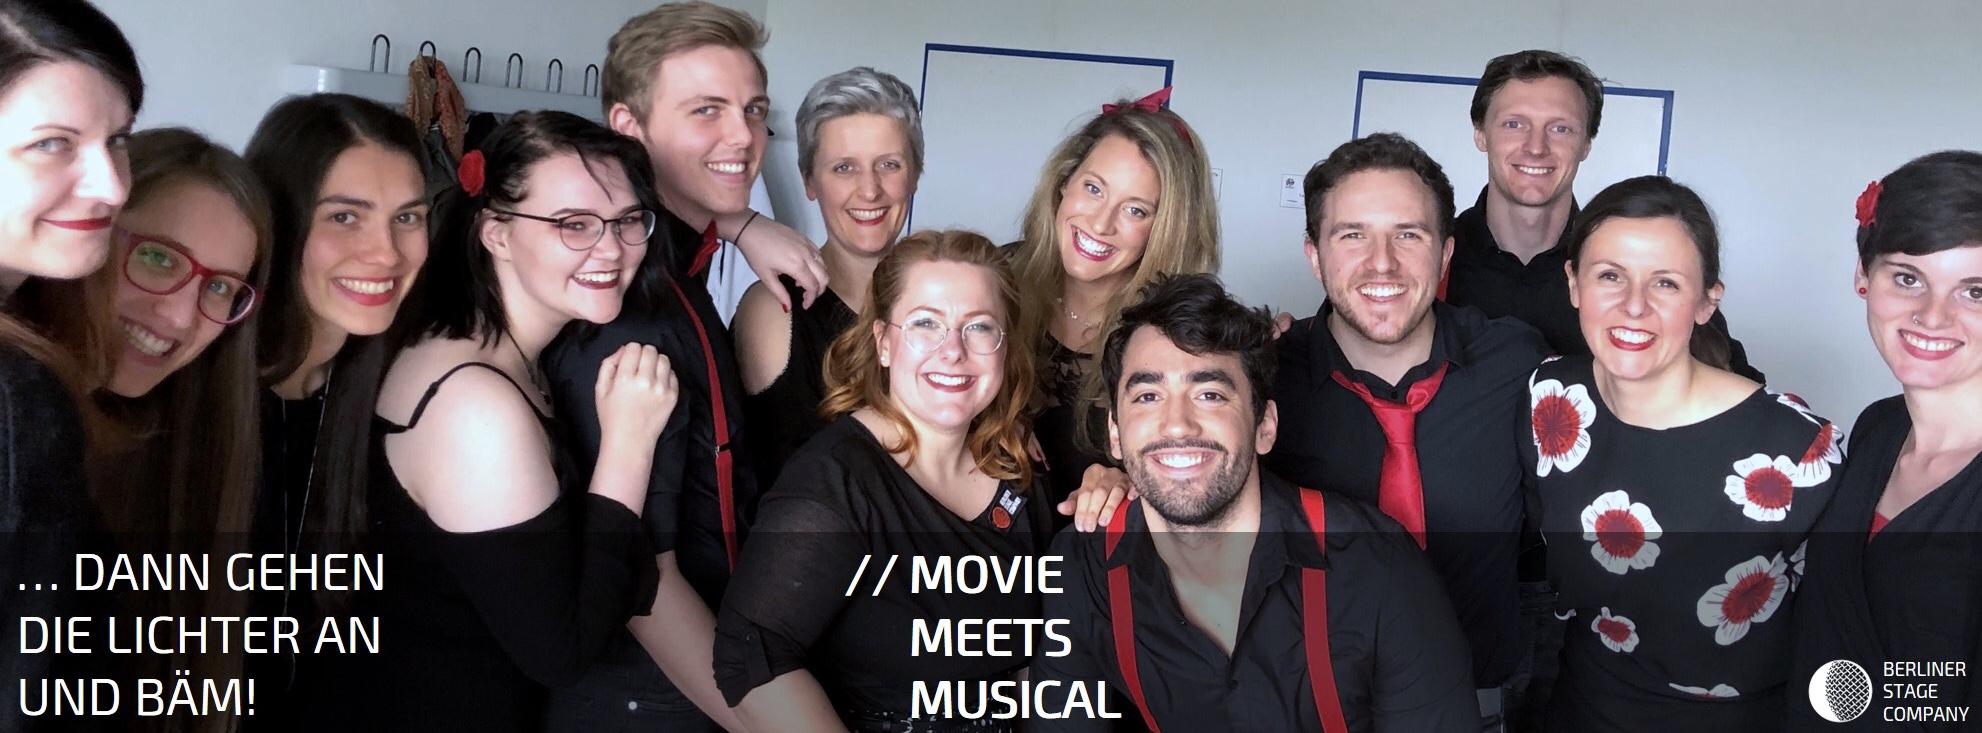 BÄM! - MMM - Gruppenfoto 3